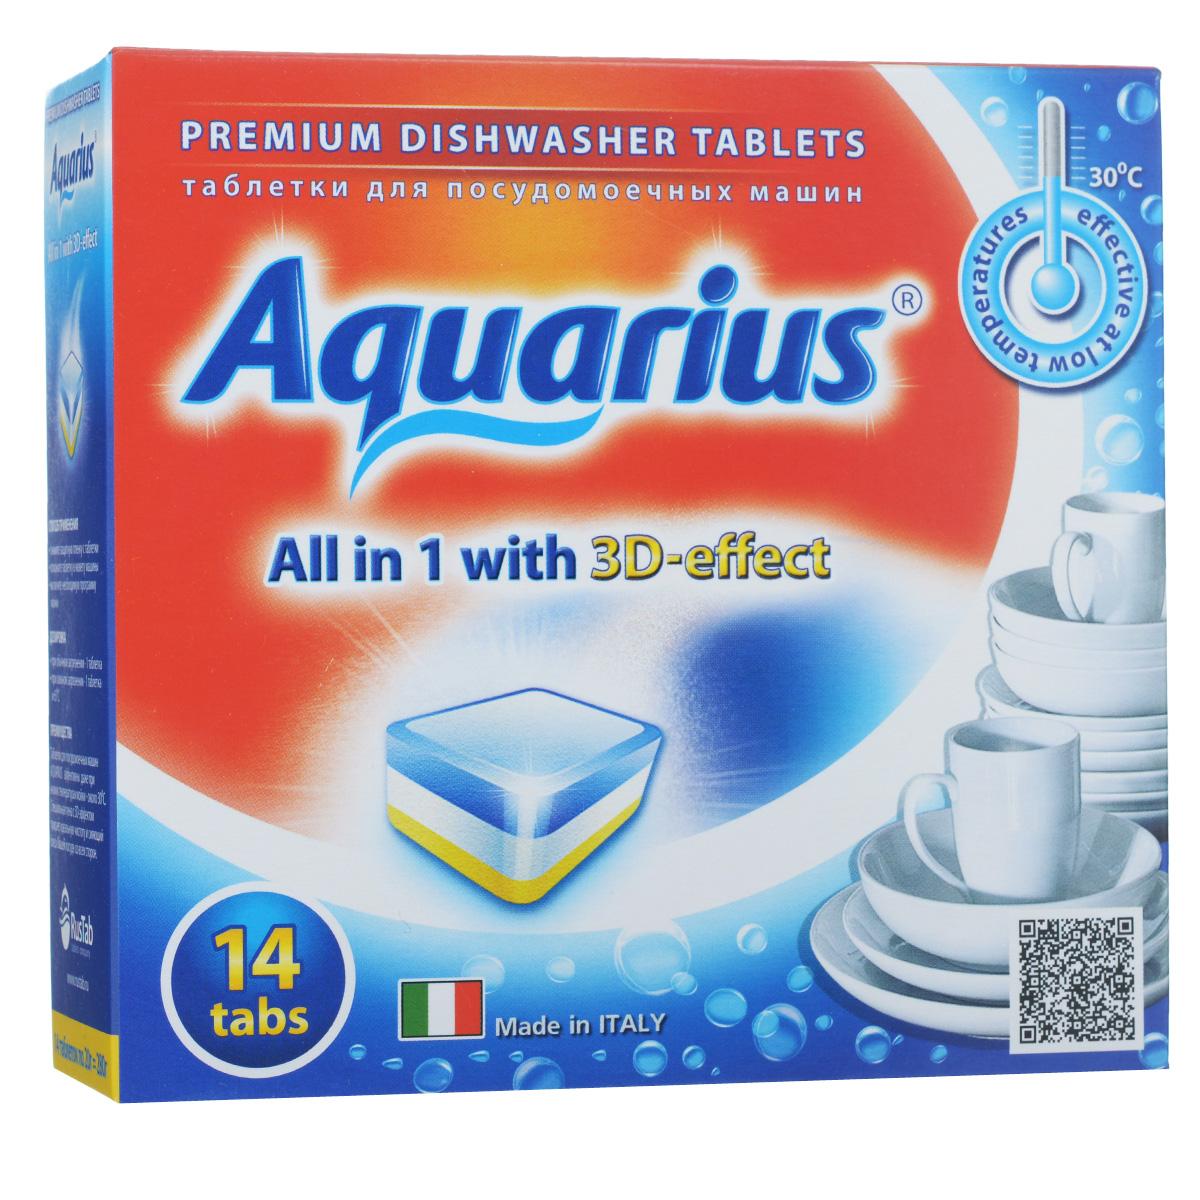 Таблетки для посудомоечных машин Lotta Aquarius, 14 шт391602Таблетки Lotta Aquarius предназначены для посудомоечных машин. Специальная пена с 3D-эффектом придает идеальную чистоту и сияющий блеск вашей посуде со всех сторон. Таблетки эффективны даже при низких температурах мойки - около 30°С.Для этого необходимо снять защитную пленку, положить таблетку в кювету машины и включить необходимую программу. В комплект входит 14 штук. Состав: фосфаты более 30%, кислородосодержащий отбеливатель более 5%, но менее 15%, поликарбоксилаты, фосфонаты, неионные ПАВ, энзимы (амилаза, протеаза), краситель, отдушка менее 5%. Товар сертифицирован.